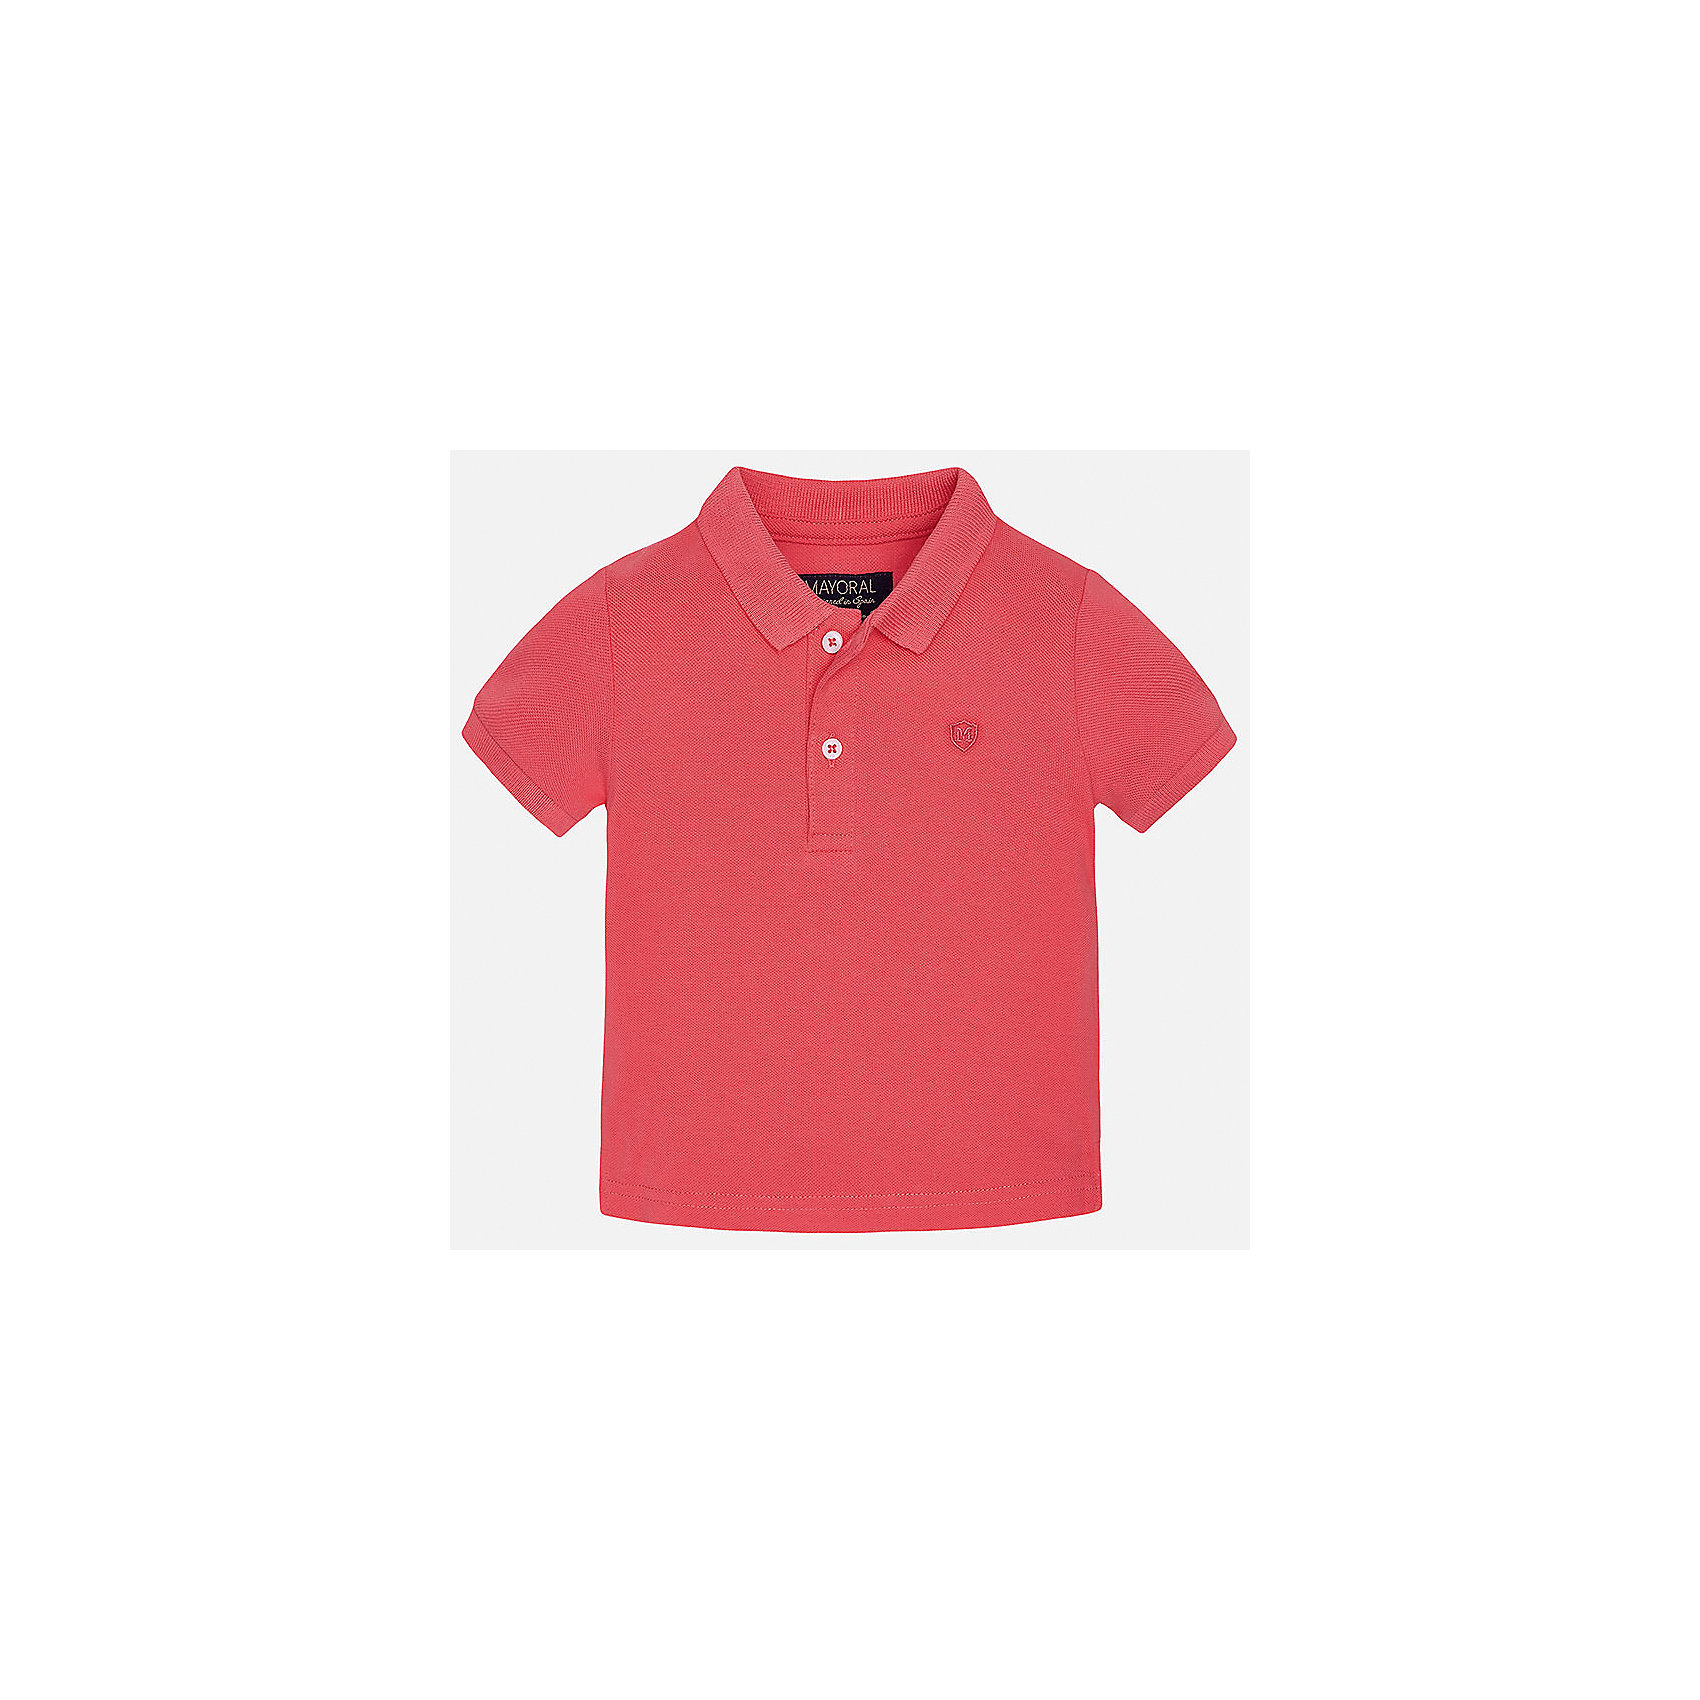 Рубашка-поло для мальчика MayoralФутболки, топы<br>Характеристики товара:<br><br>• цвет: красный<br>• состав: 100% хлопок<br>• отложной воротник<br>• короткие рукава<br>• застежка: пуговицы<br>• вышивка на груди<br>• страна бренда: Испания<br><br>Удобная и модная футболка-поло для мальчика может стать базовой вещью в гардеробе ребенка. Она отлично сочетается с брюками, шортами, джинсами и т.д. Универсальный крой и цвет позволяет подобрать к вещи низ разных расцветок. Практичное и стильное изделие! В составе материала - только натуральный хлопок, гипоаллергенный, приятный на ощупь, дышащий.<br><br>Одежда, обувь и аксессуары от испанского бренда Mayoral полюбились детям и взрослым по всему миру. Модели этой марки - стильные и удобные. Для их производства используются только безопасные, качественные материалы и фурнитура. Порадуйте ребенка модными и красивыми вещами от Mayoral! <br><br>Футболку-поло для мальчика от испанского бренда Mayoral (Майорал) можно купить в нашем интернет-магазине.<br><br>Ширина мм: 230<br>Глубина мм: 40<br>Высота мм: 220<br>Вес г: 250<br>Цвет: розовый<br>Возраст от месяцев: 6<br>Возраст до месяцев: 9<br>Пол: Мужской<br>Возраст: Детский<br>Размер: 74,80,86,92<br>SKU: 5277648